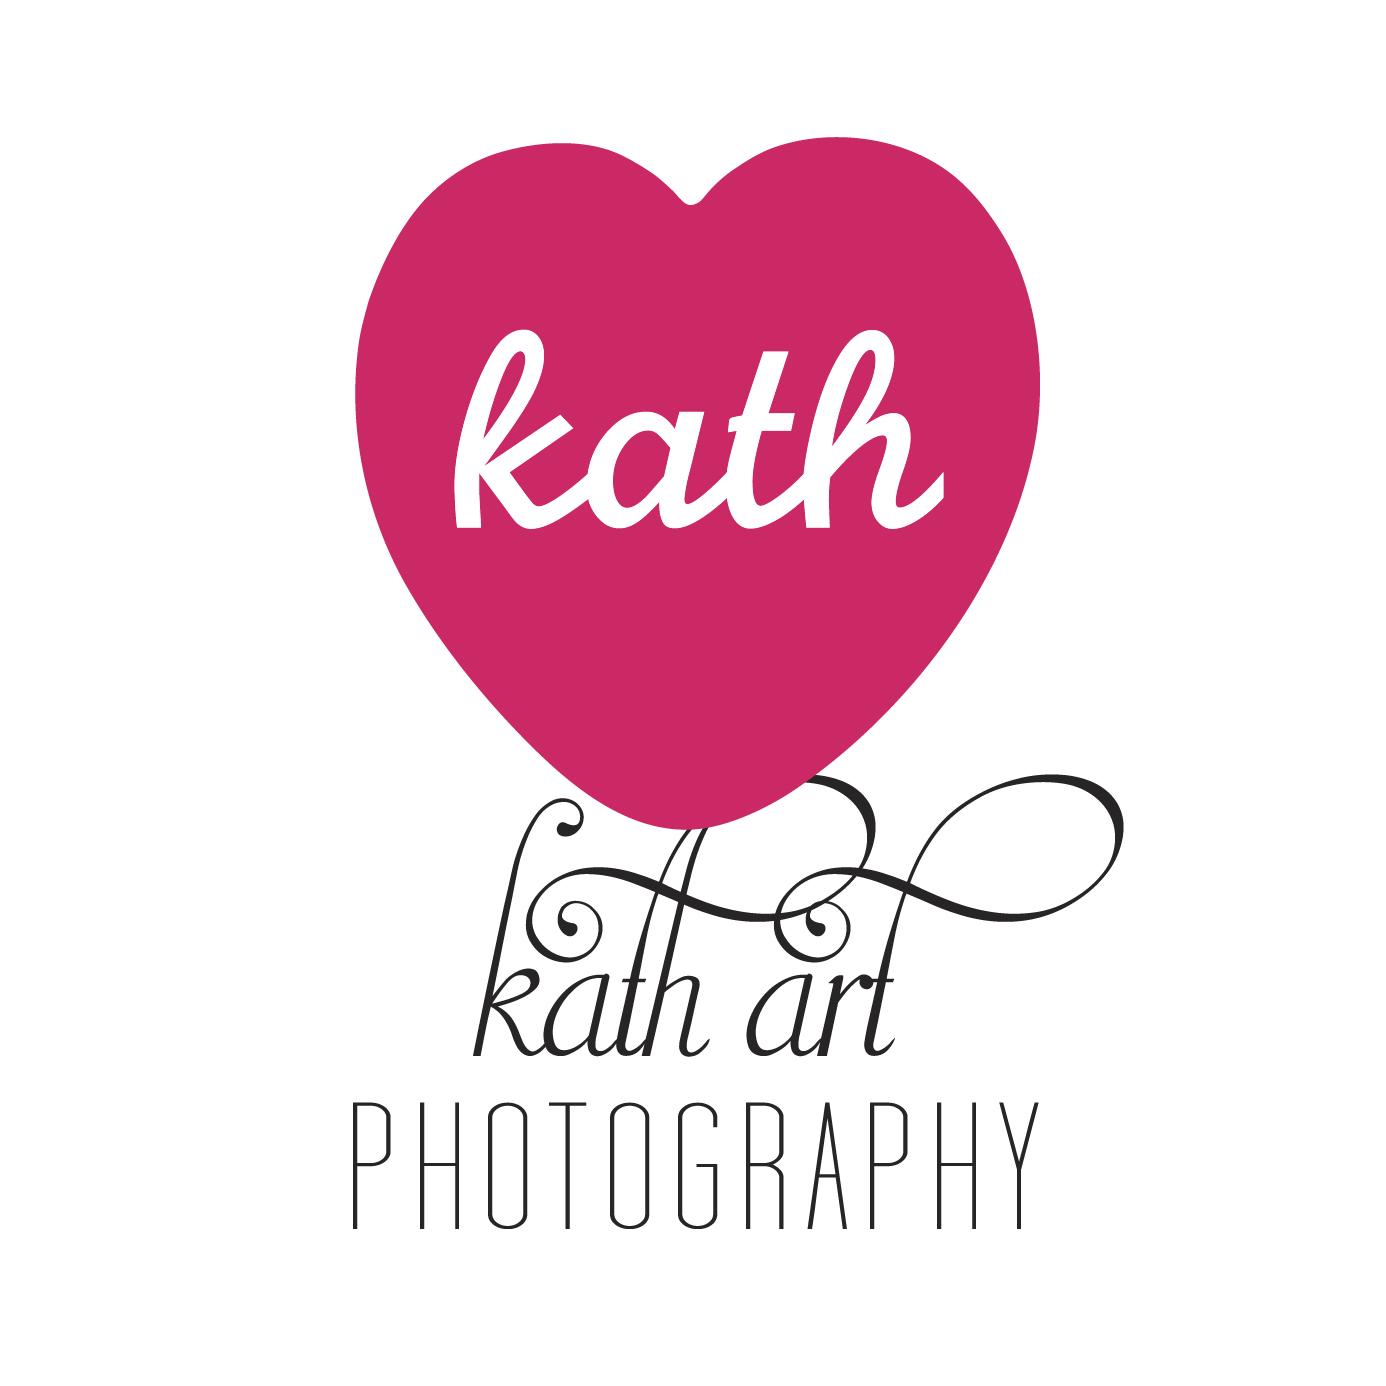 kathartphotography_1-27